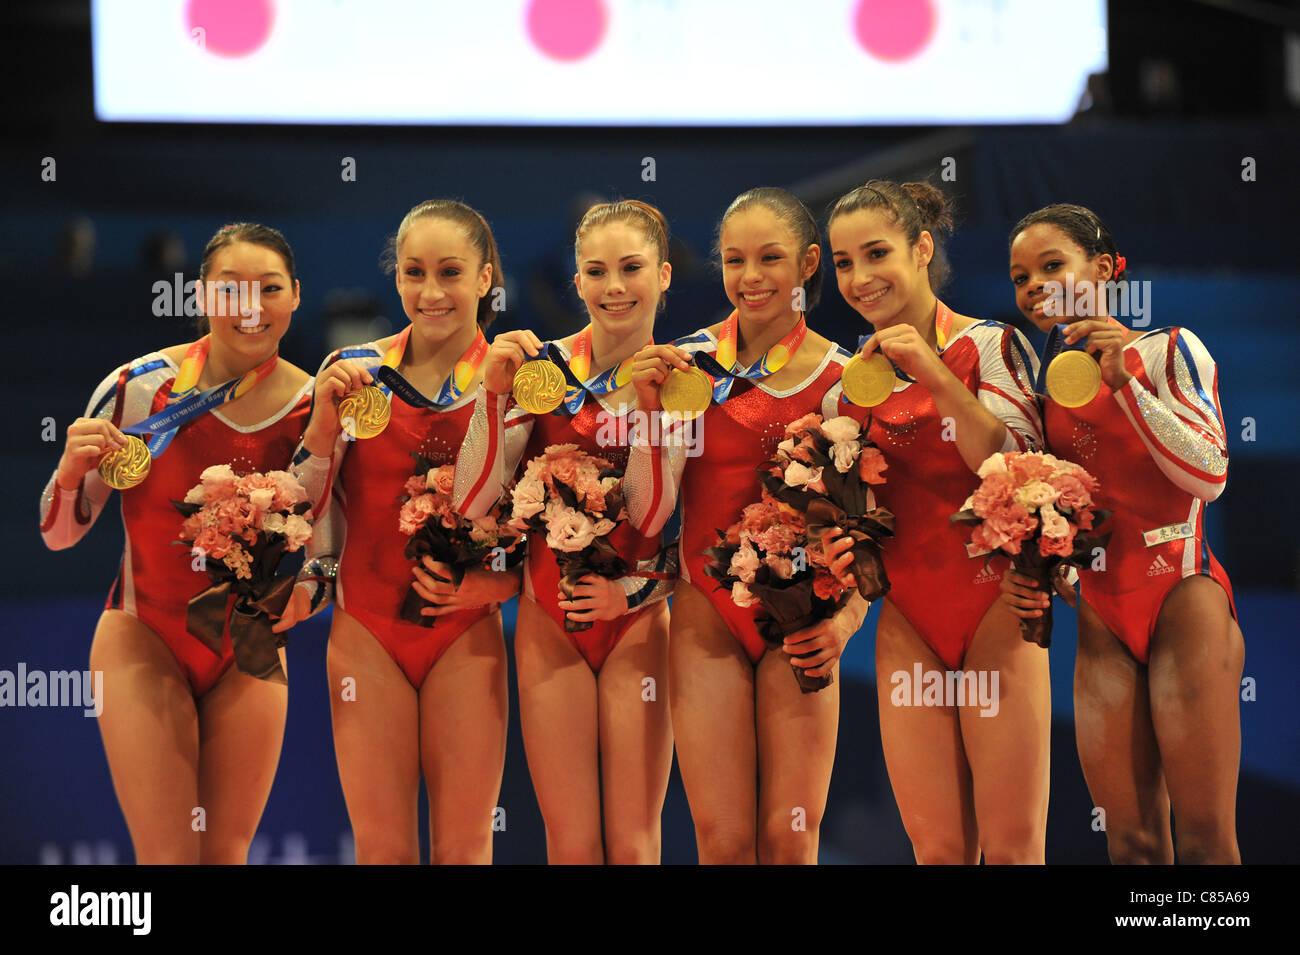 El equipo de Estados Unidos (EEUU) line-up durante el 2011 Campeonatos del Mundo de gimnasia artística. Imagen De Stock